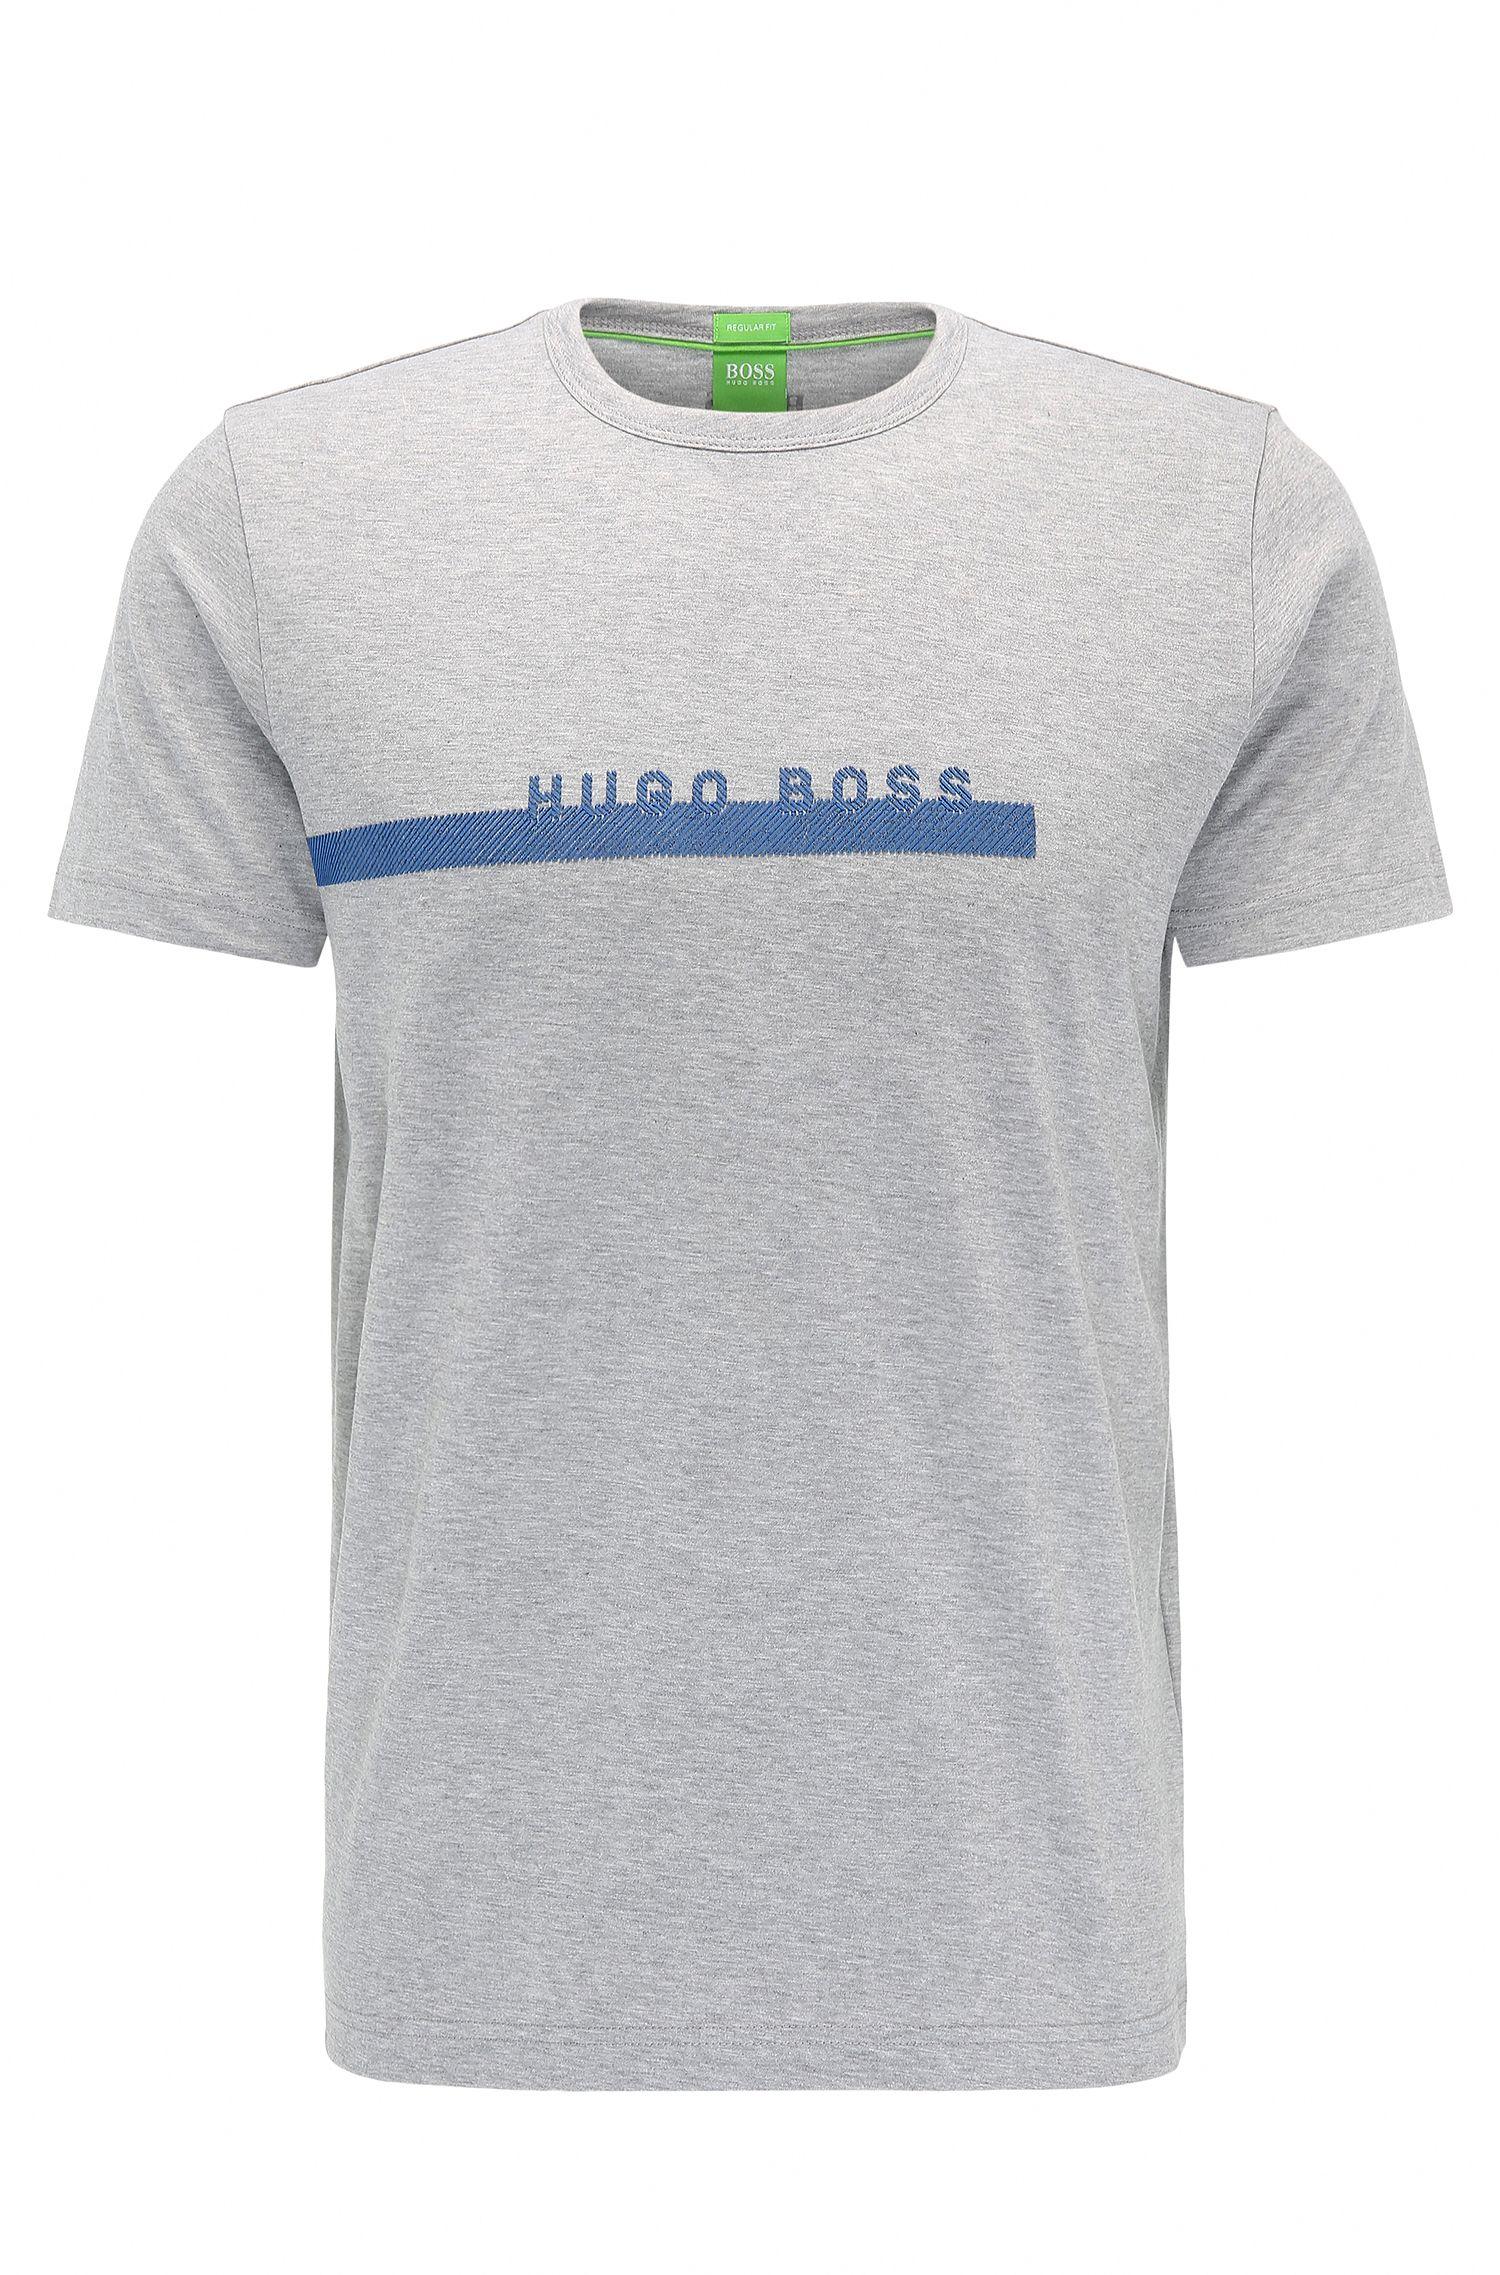 Regular-Fit T-Shirt aus weicher Baumwolle mit Logo